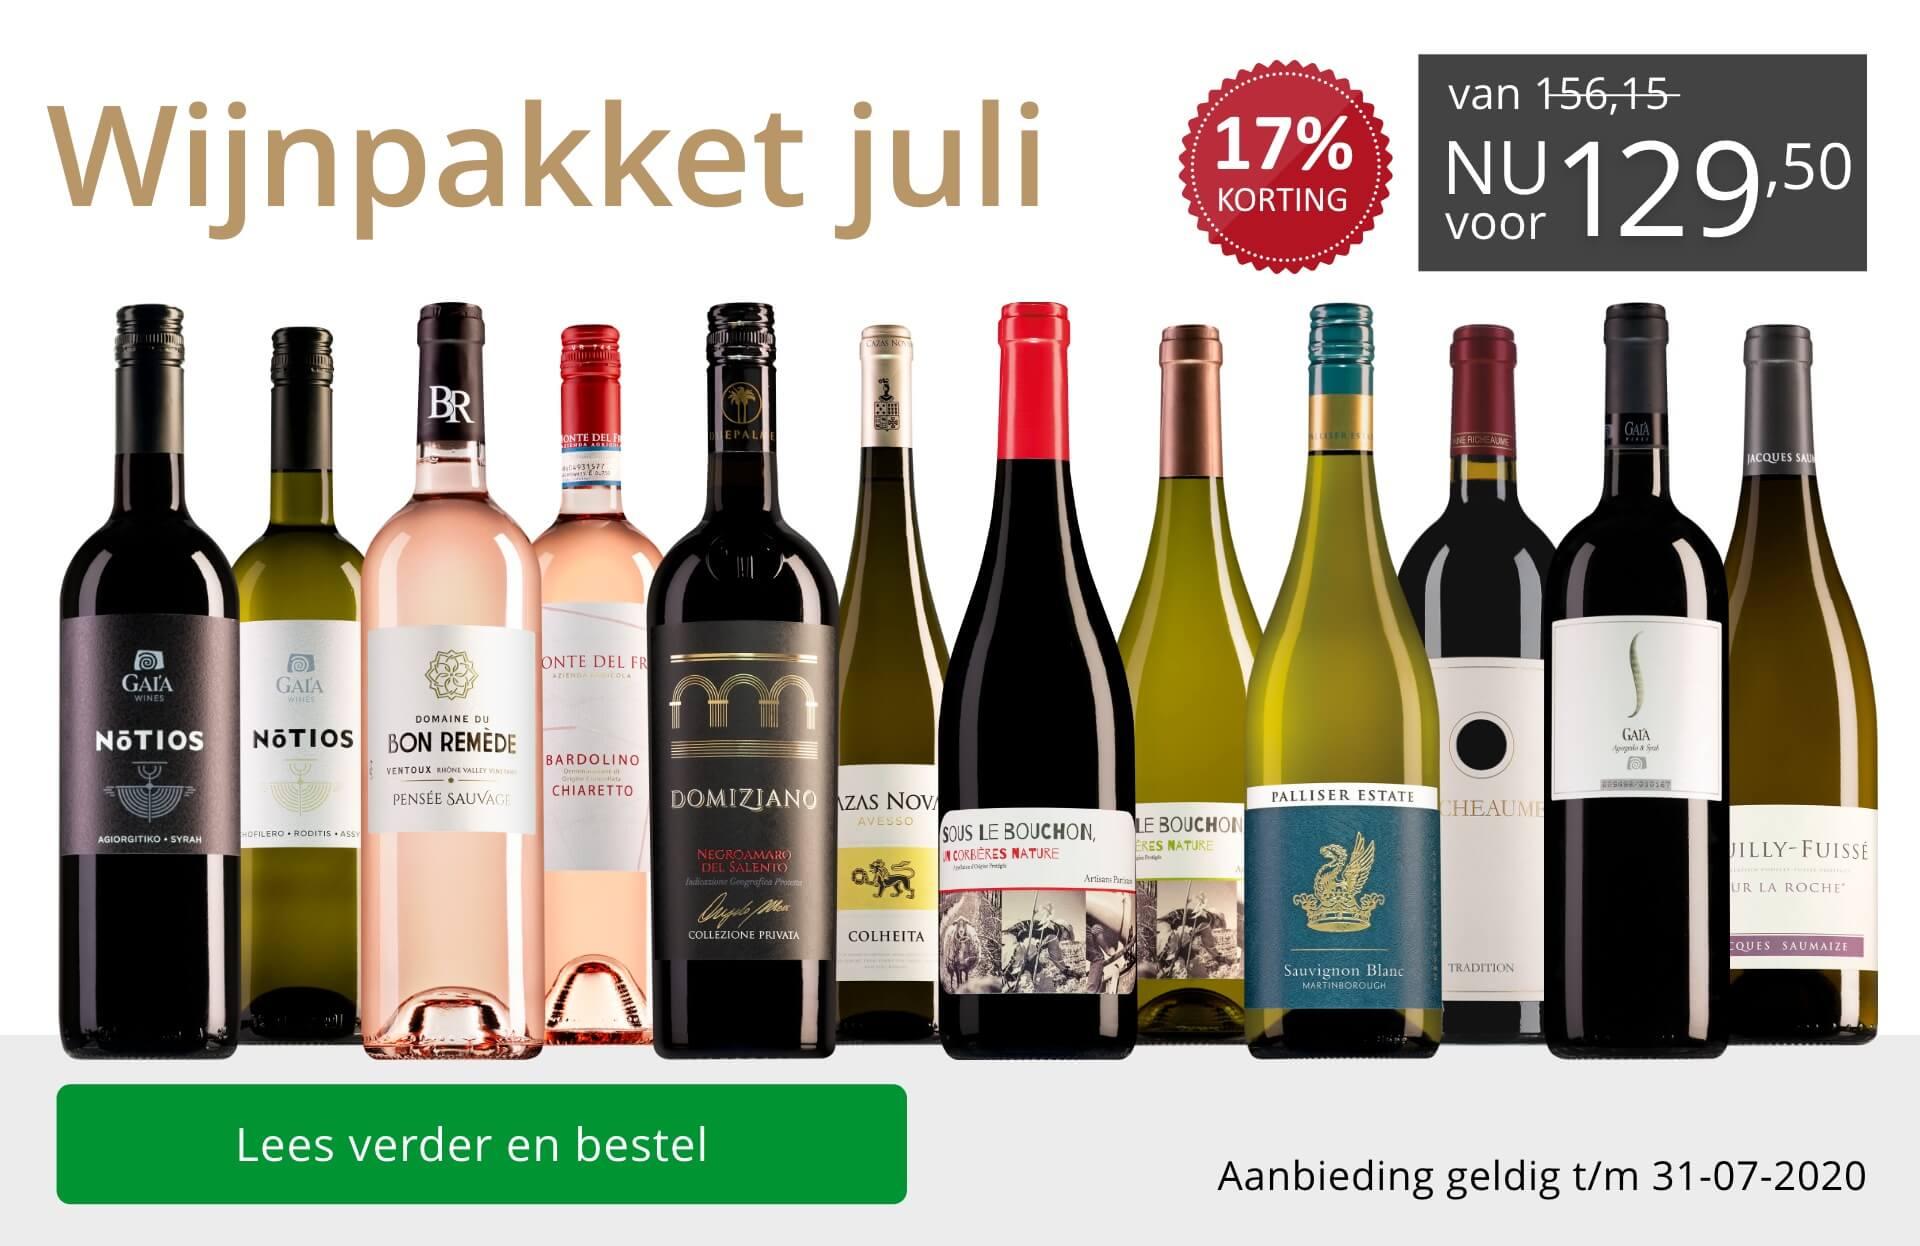 Wijnpakket wijnbericht juli 2020(129,50)-grijs/goud